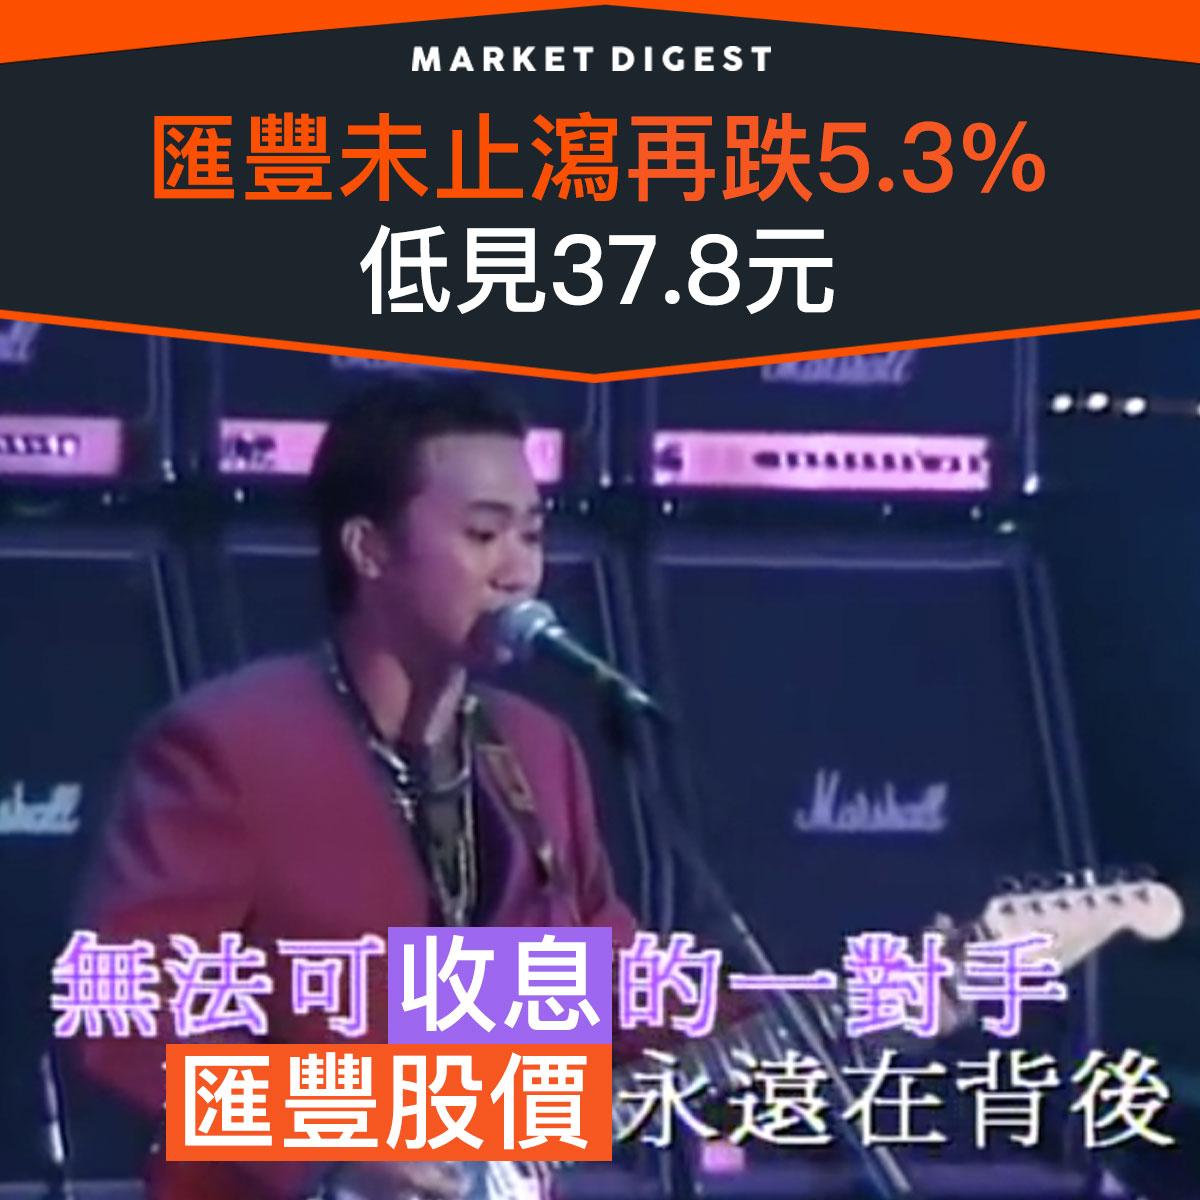 【市場熱話】匯豐未止瀉再跌5.3%,低見37.8元